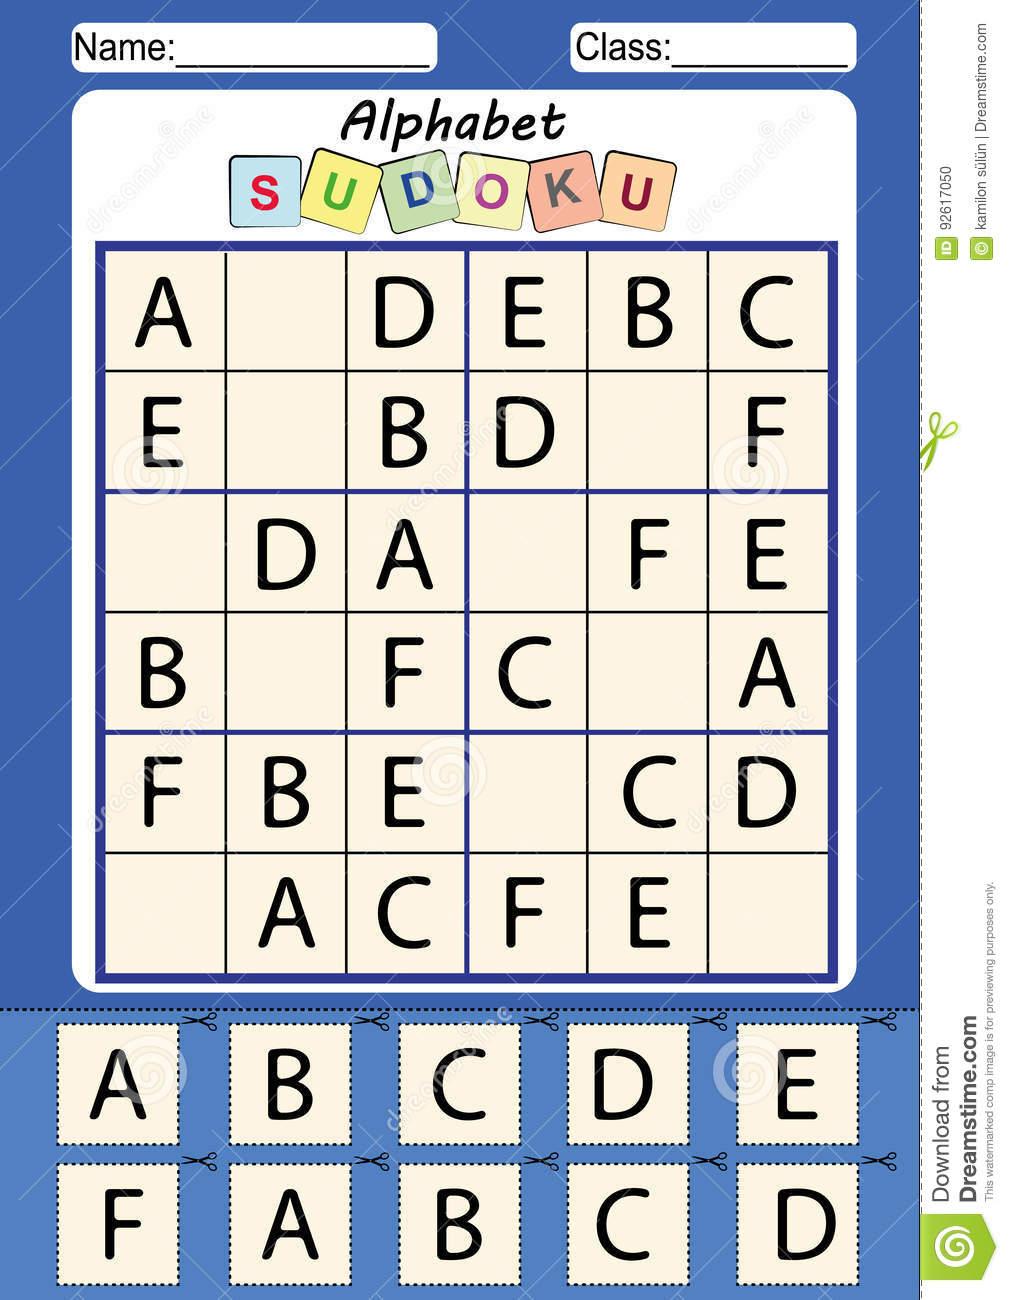 Bild Sudoku Für Kinder, Ausschneiden Und Einfügen Stock für Sudoku Für Kindergartenkinder